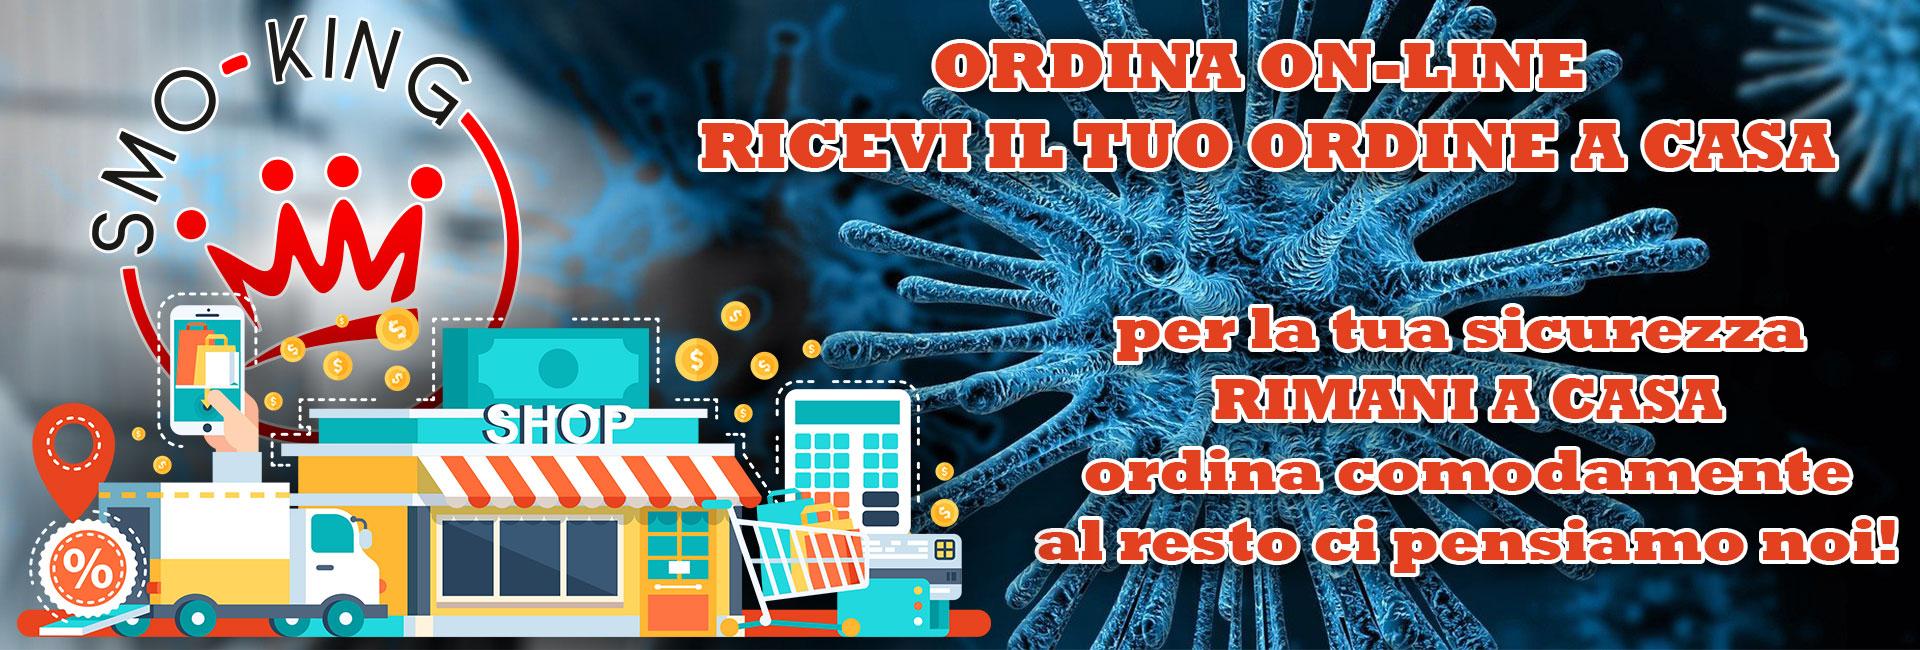 consegna a domicilio roma sigarette e liquidi Consegna a domicilio Roma Sigarette e Liquidi 3397154829 ordine telefonico